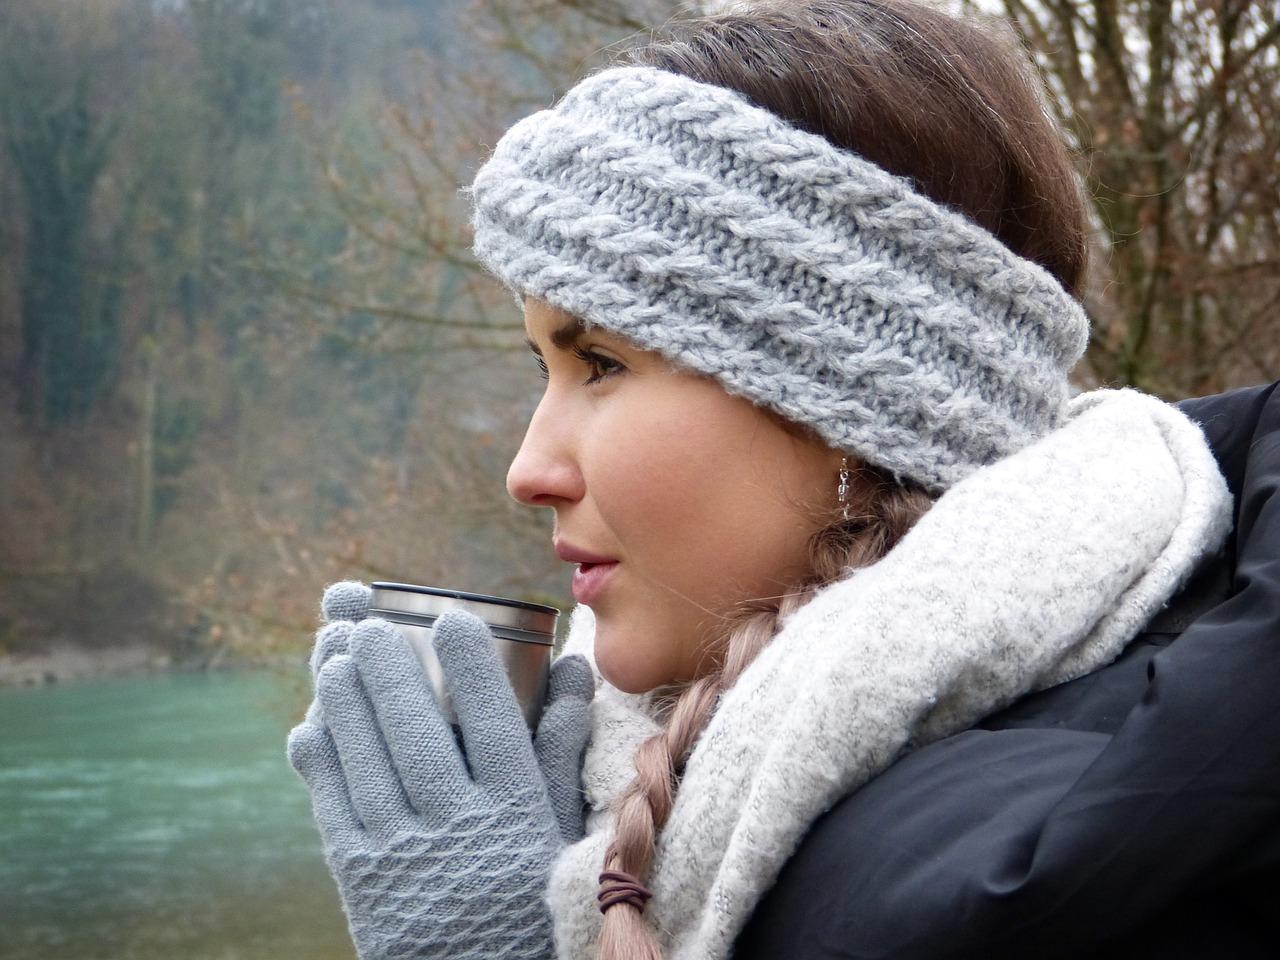 冬の移動に備えておきたい便利なアイテム